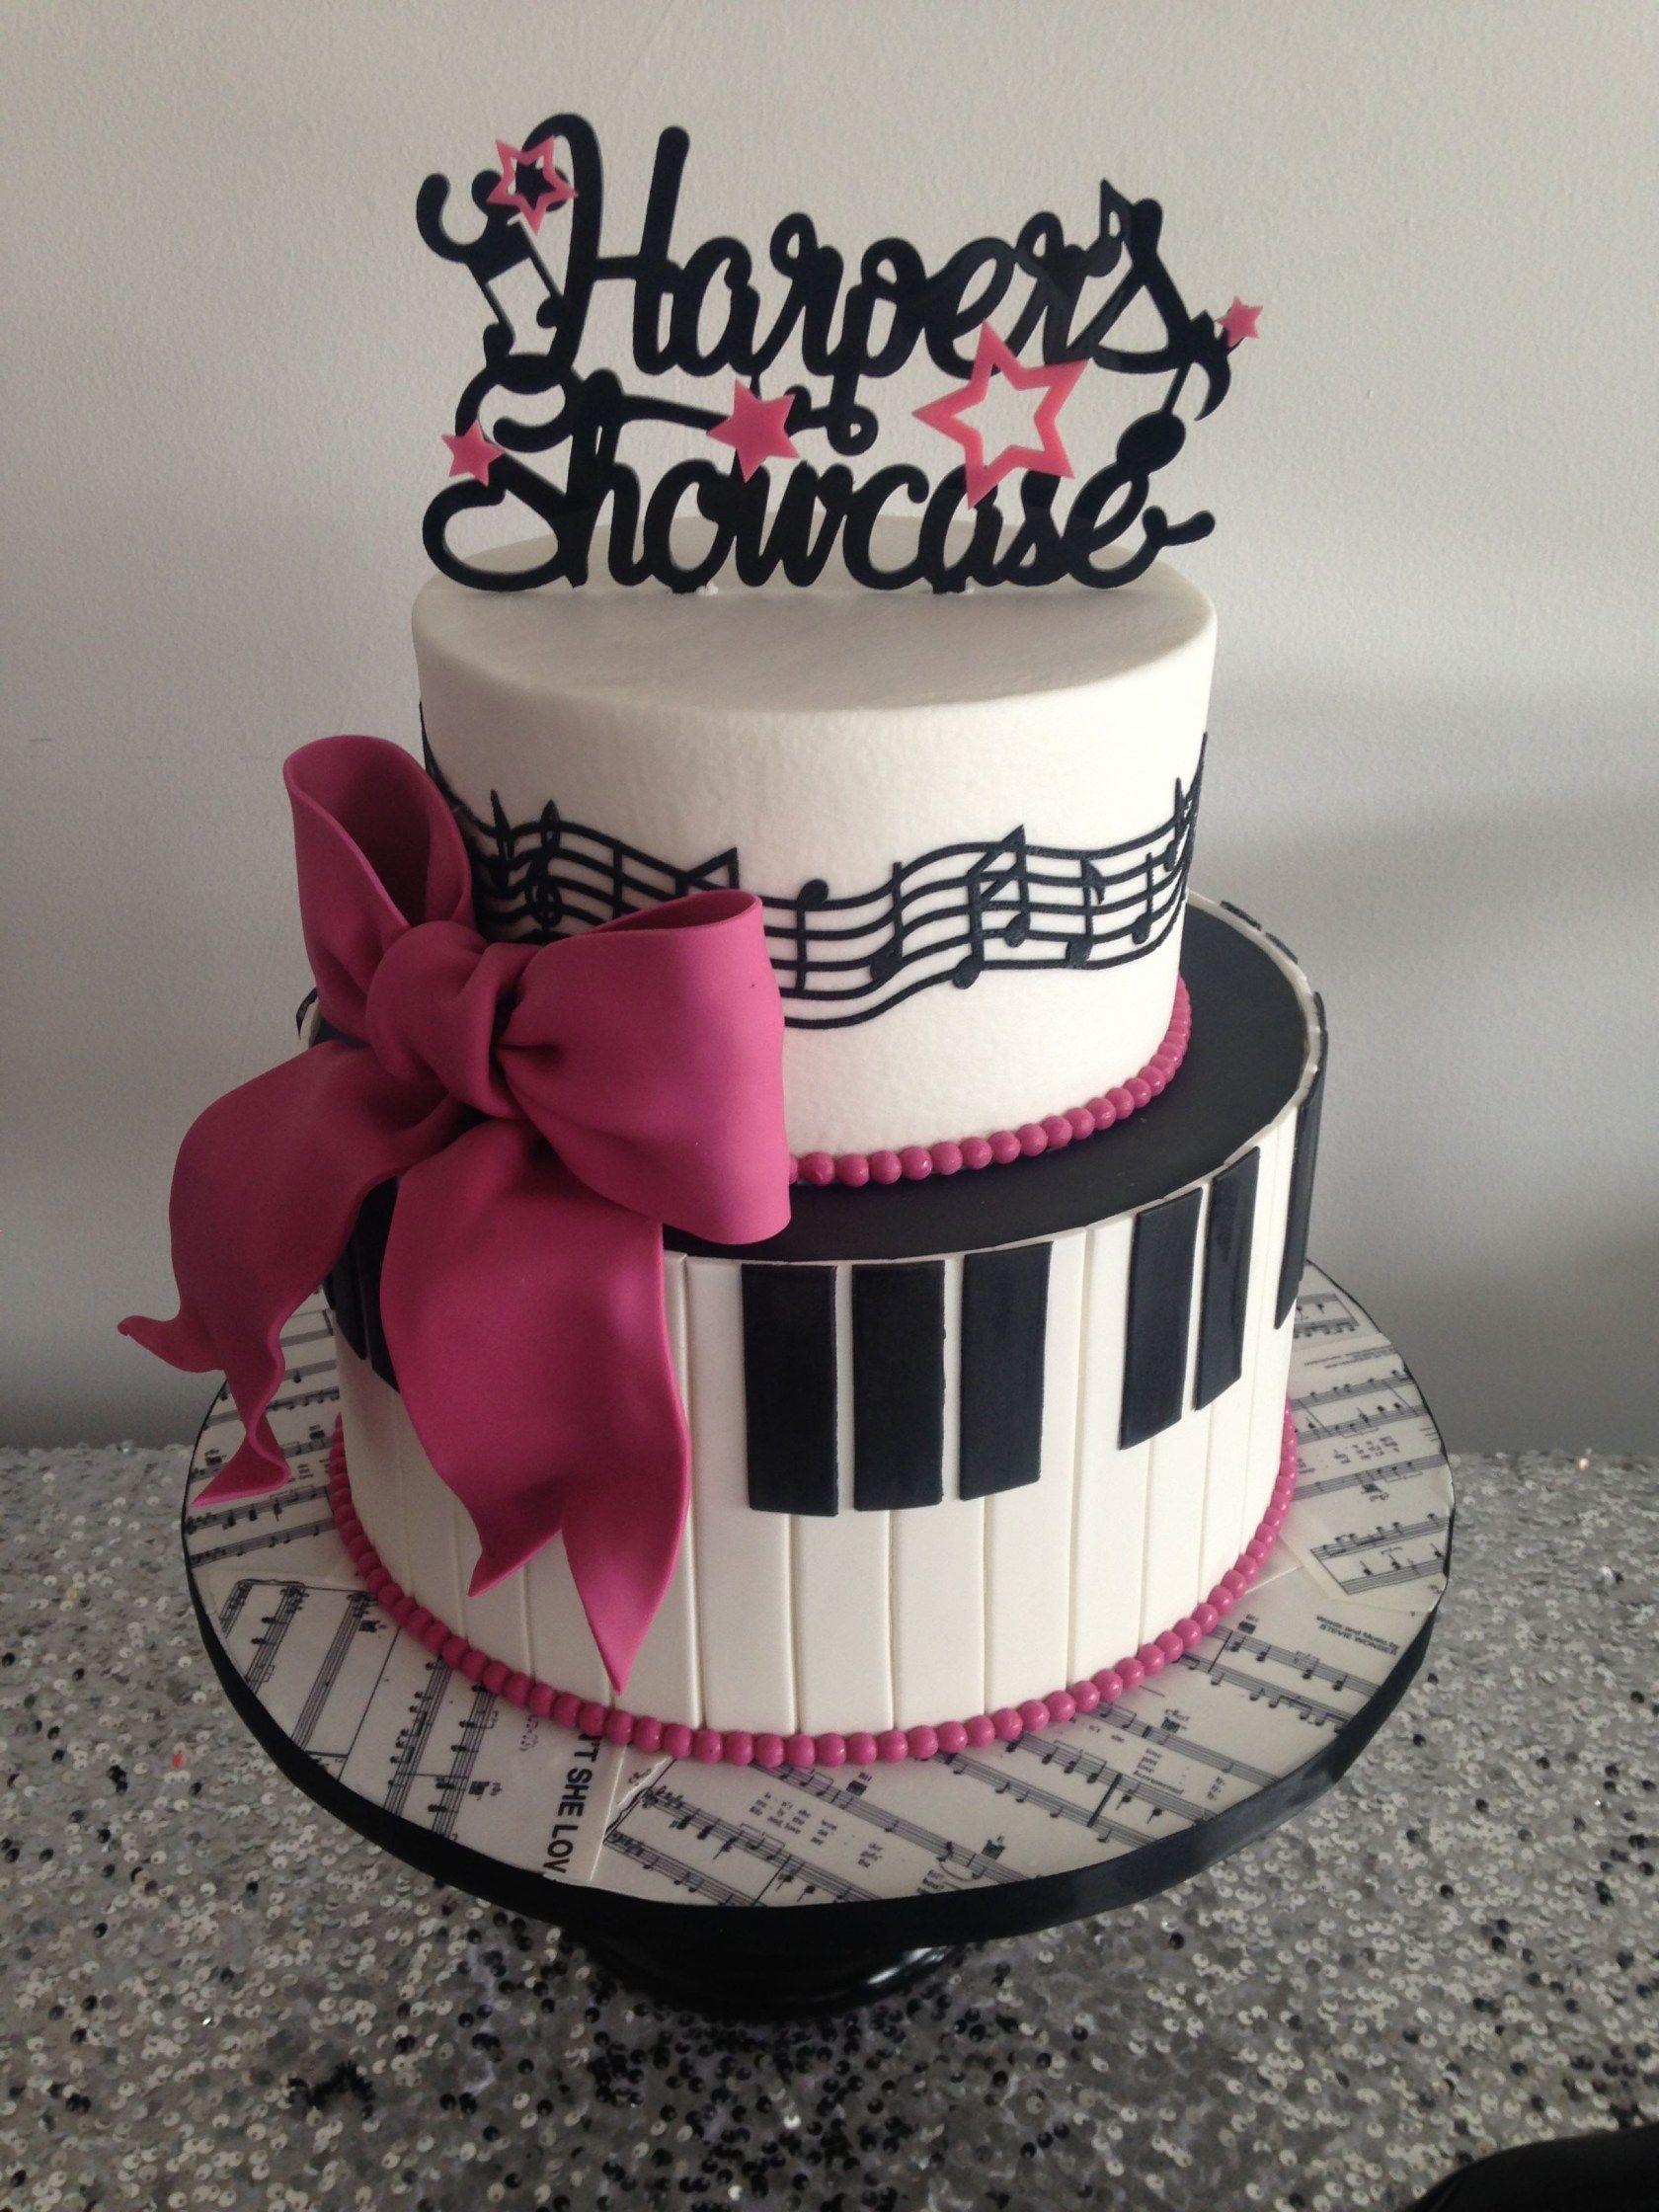 Superb Music Birthday Cakes For The Love Of Music Little Girls Birthday Birthday Cards Printable Benkemecafe Filternl